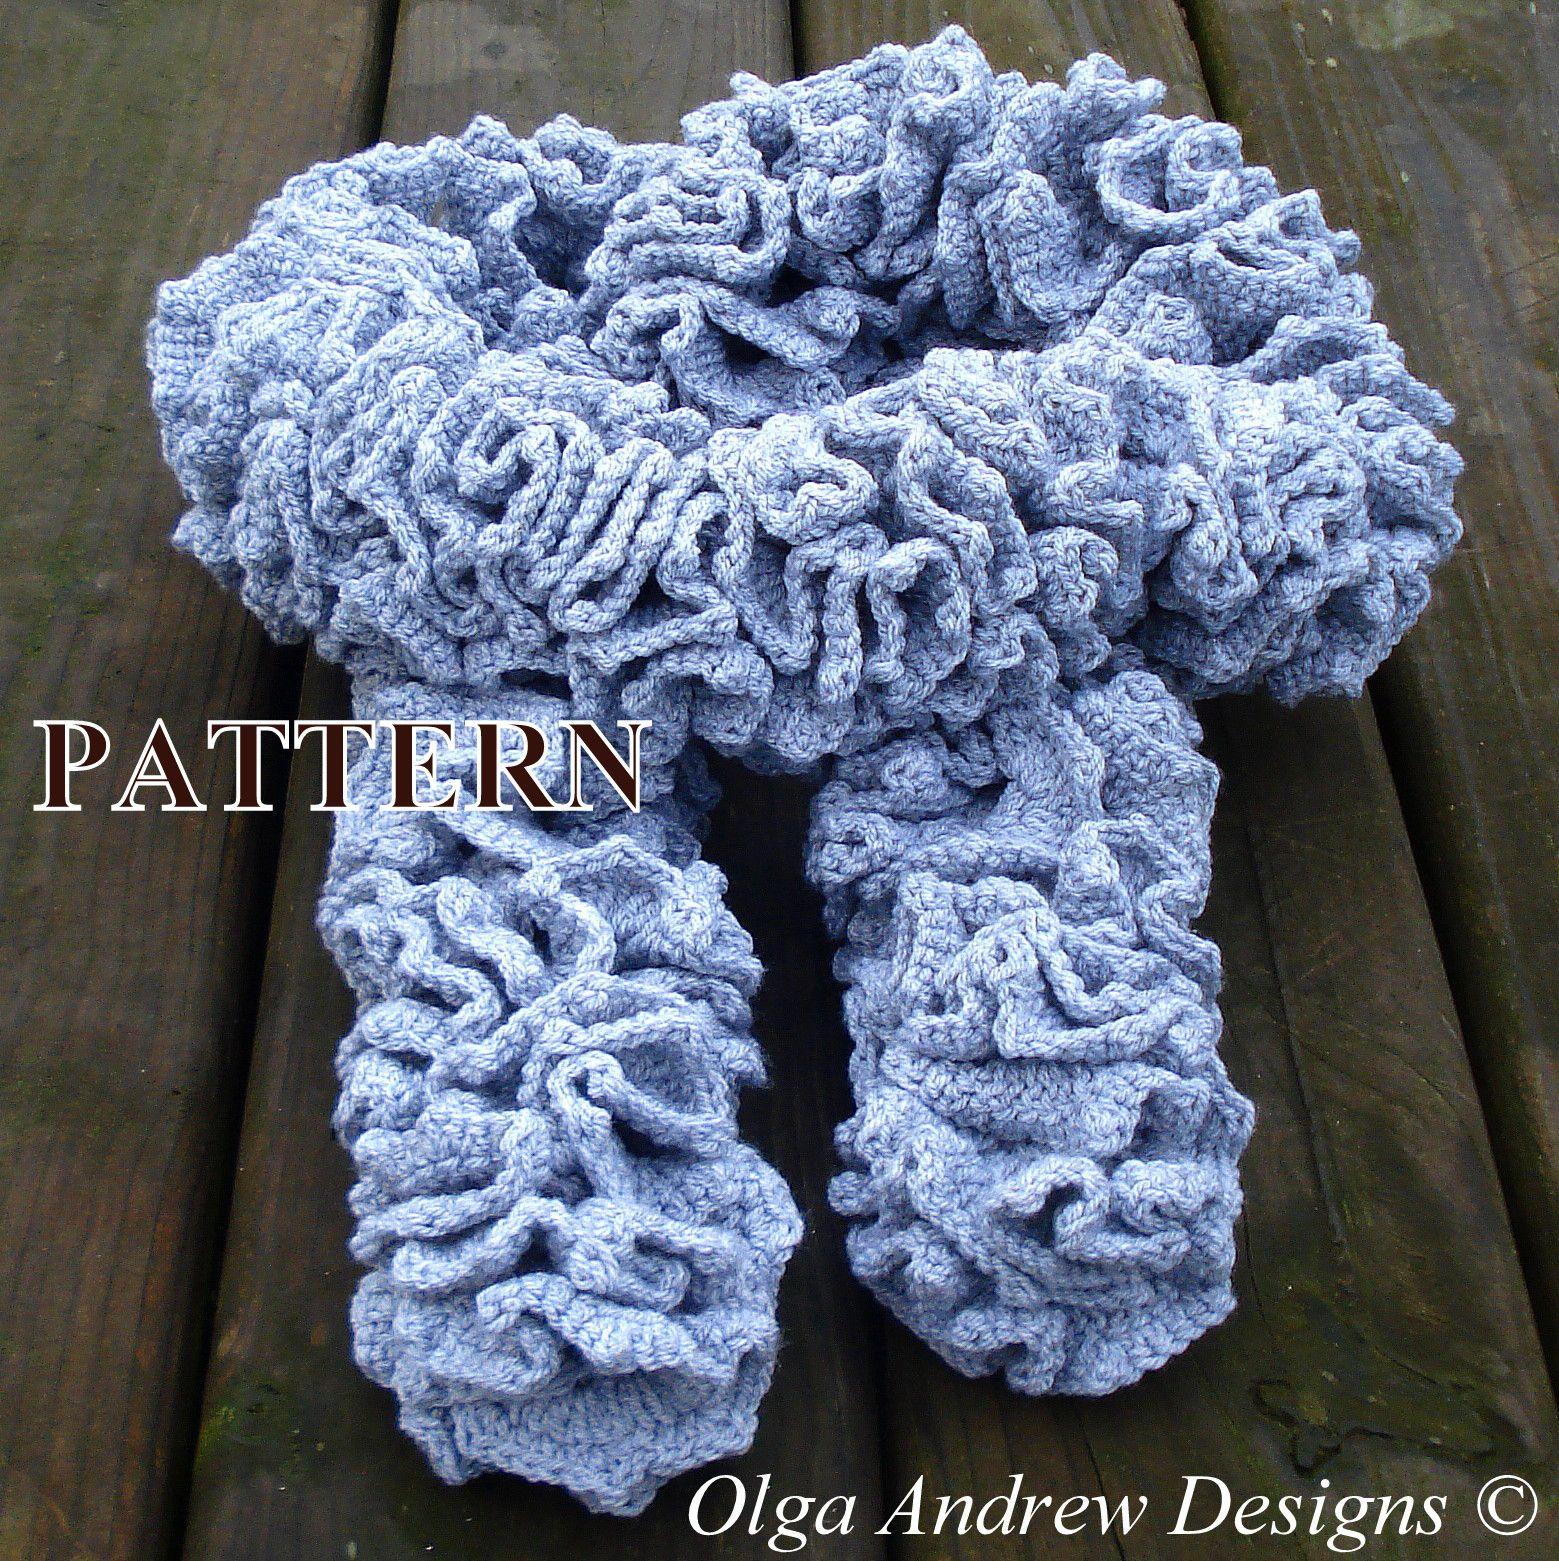 Crochet scarf pattern ruffle scarf crochet pattern crochet scarf crochet scarf pattern ruffle scarf crochet pattern crochet scarf patterns easy tutorial instant download pdf pattern 080byolgaandrewdesigns dt1010fo